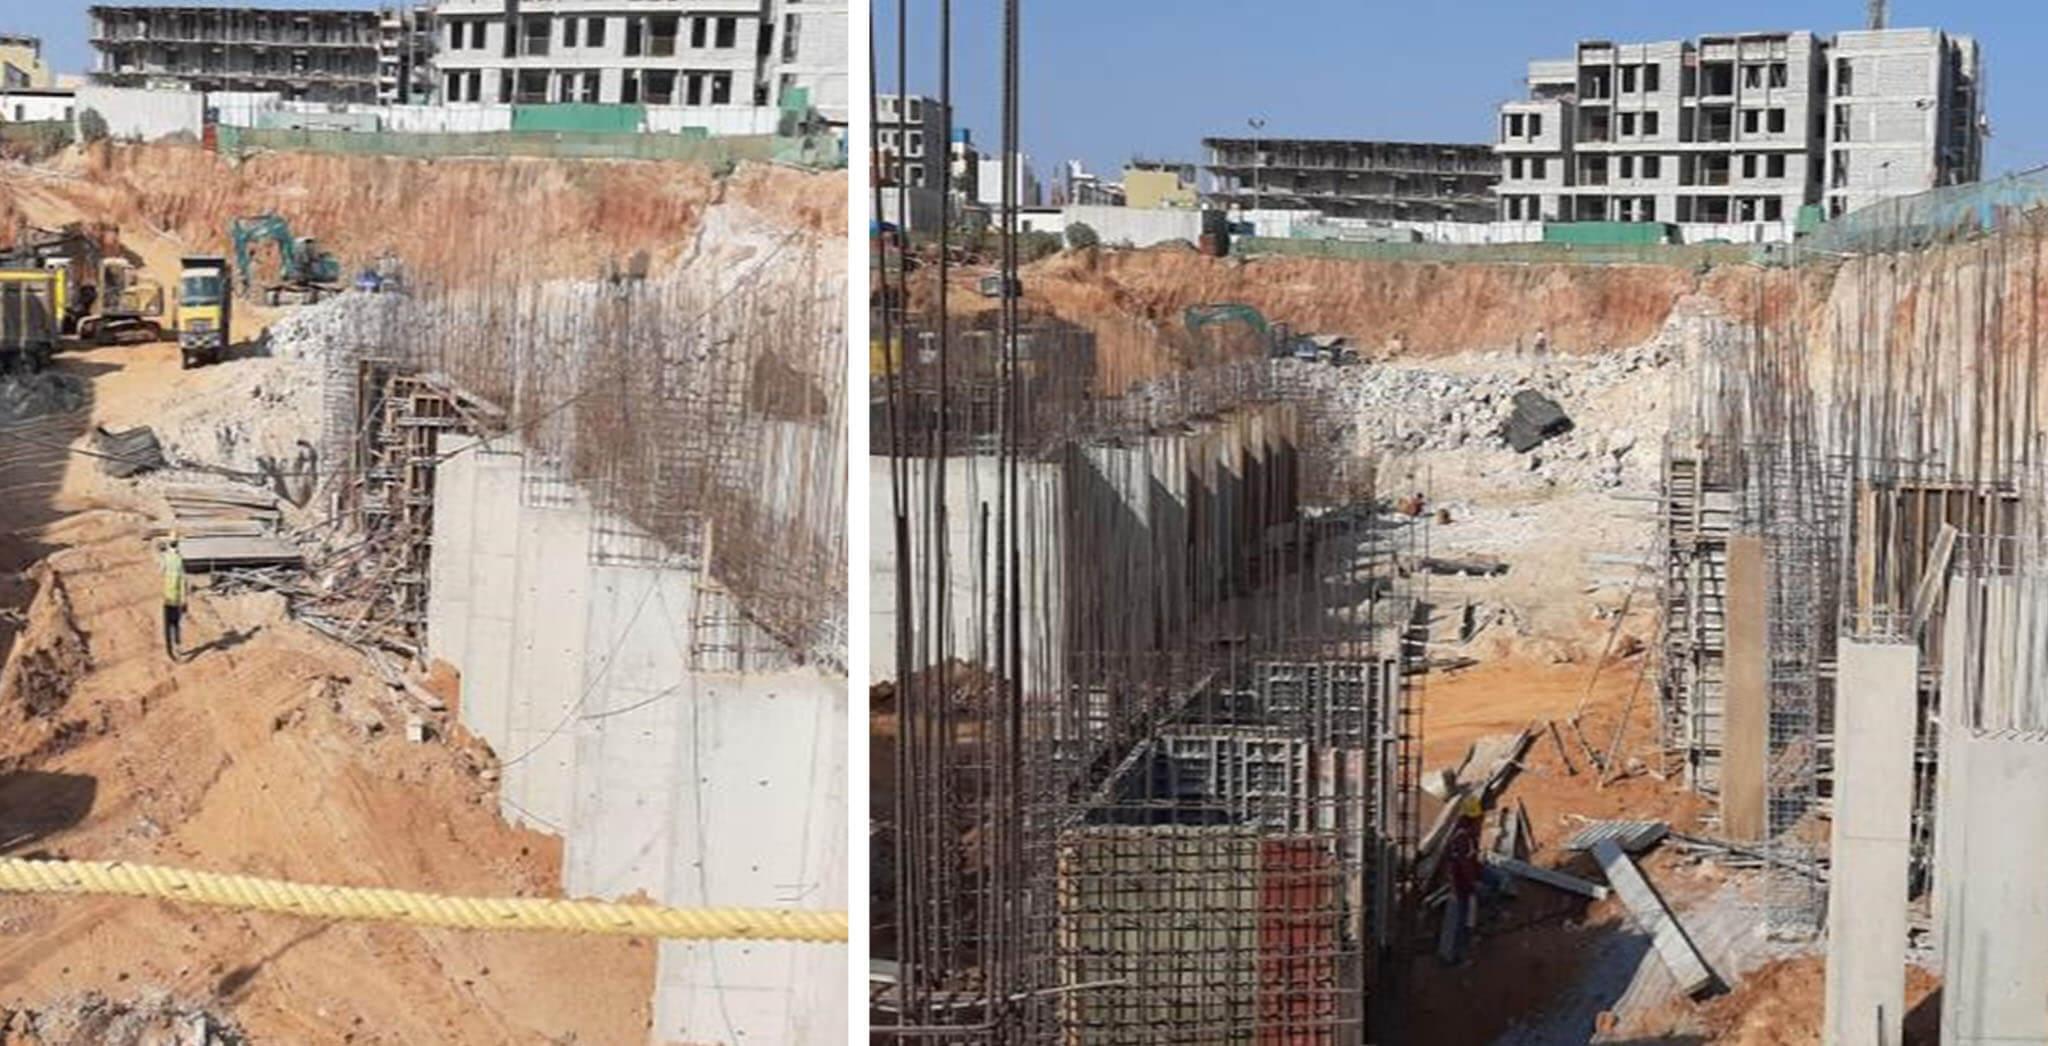 Jan 2020 - D&I Blocks: Basement work-in-progress